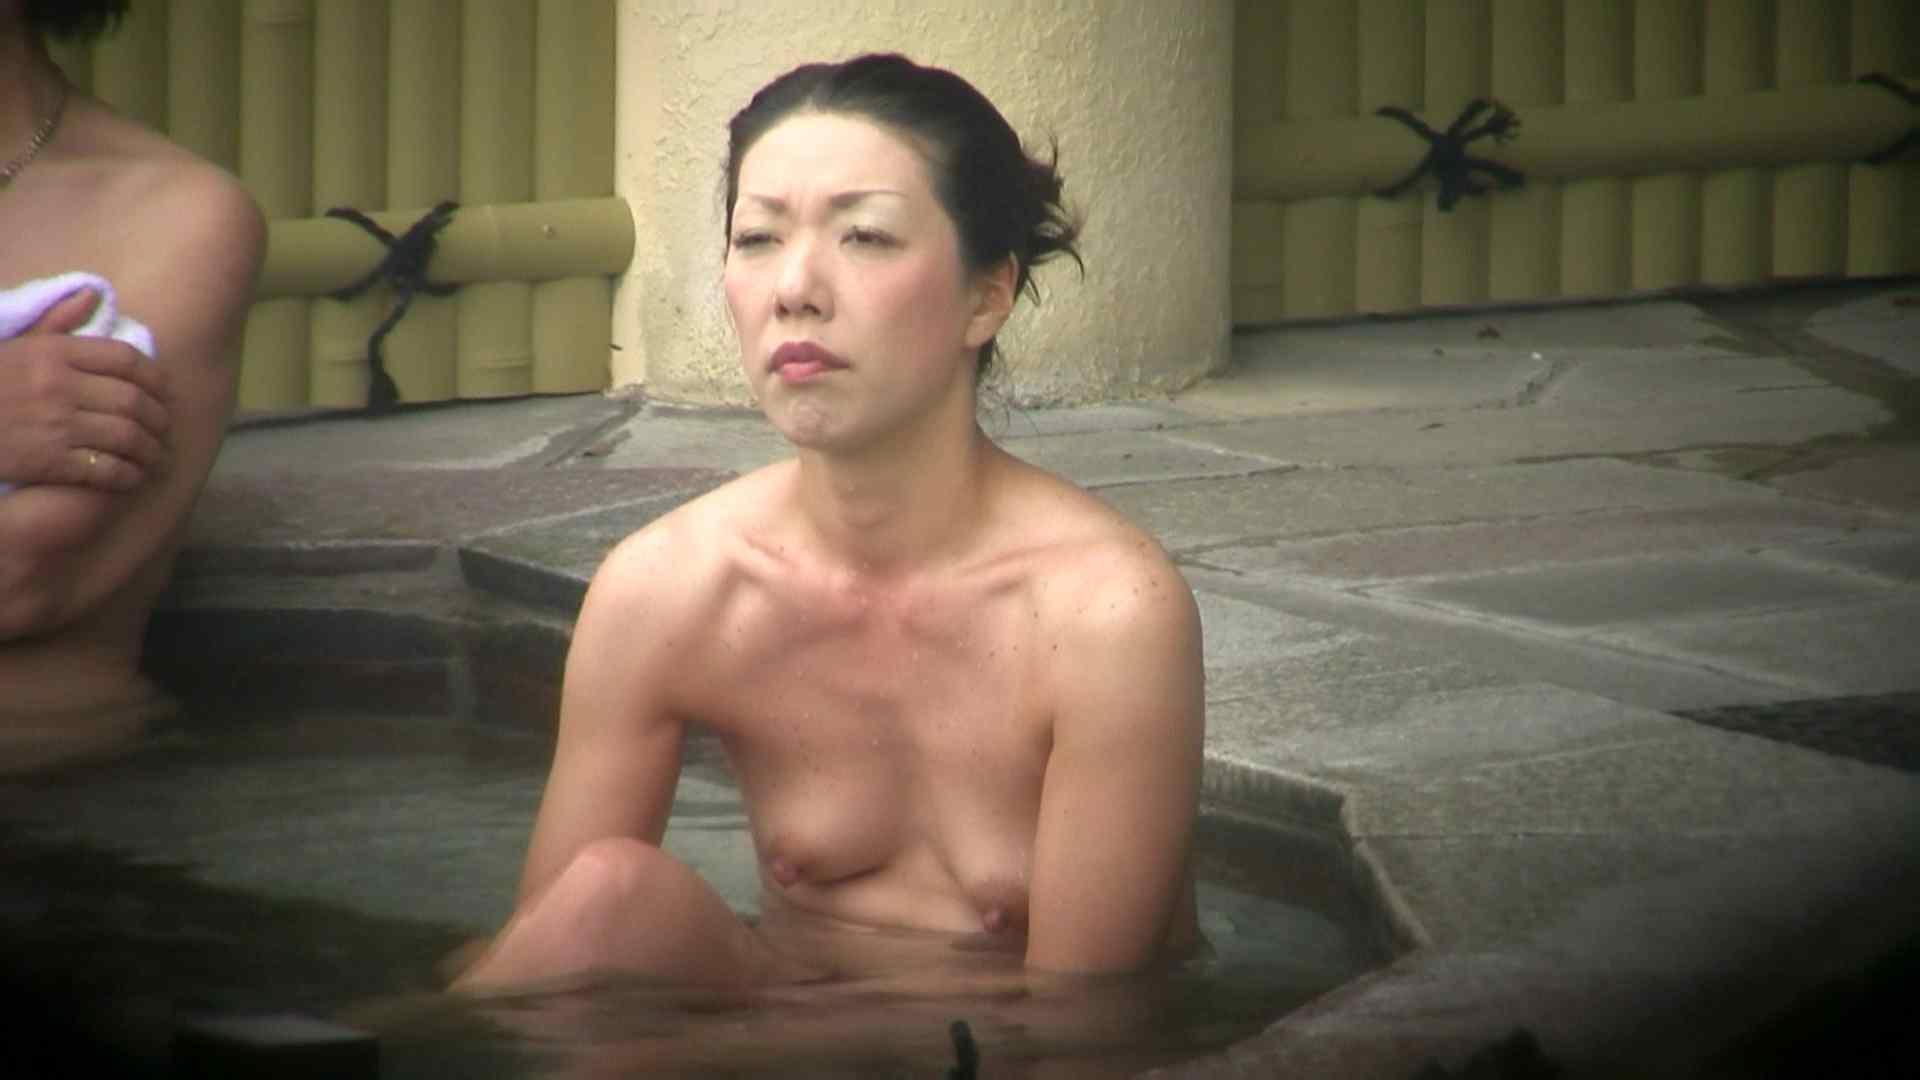 高画質露天女風呂観察 vol.036 高画質 | 女風呂  85pic 31